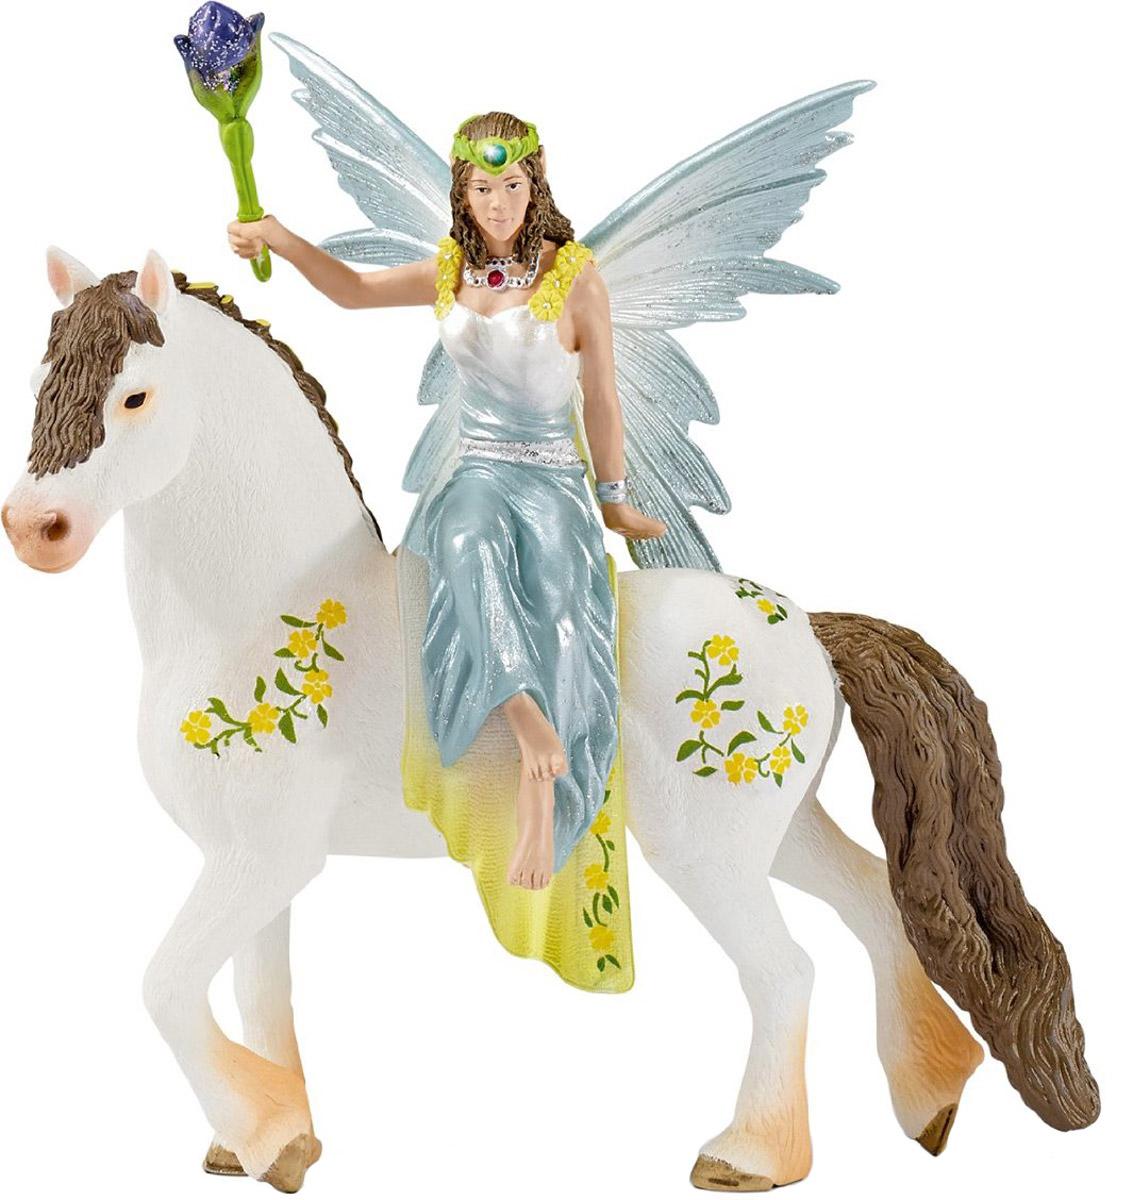 Schleich Фигурка Эльфийка Эяла на лошади игровые наборы schleich повозка для эльфов